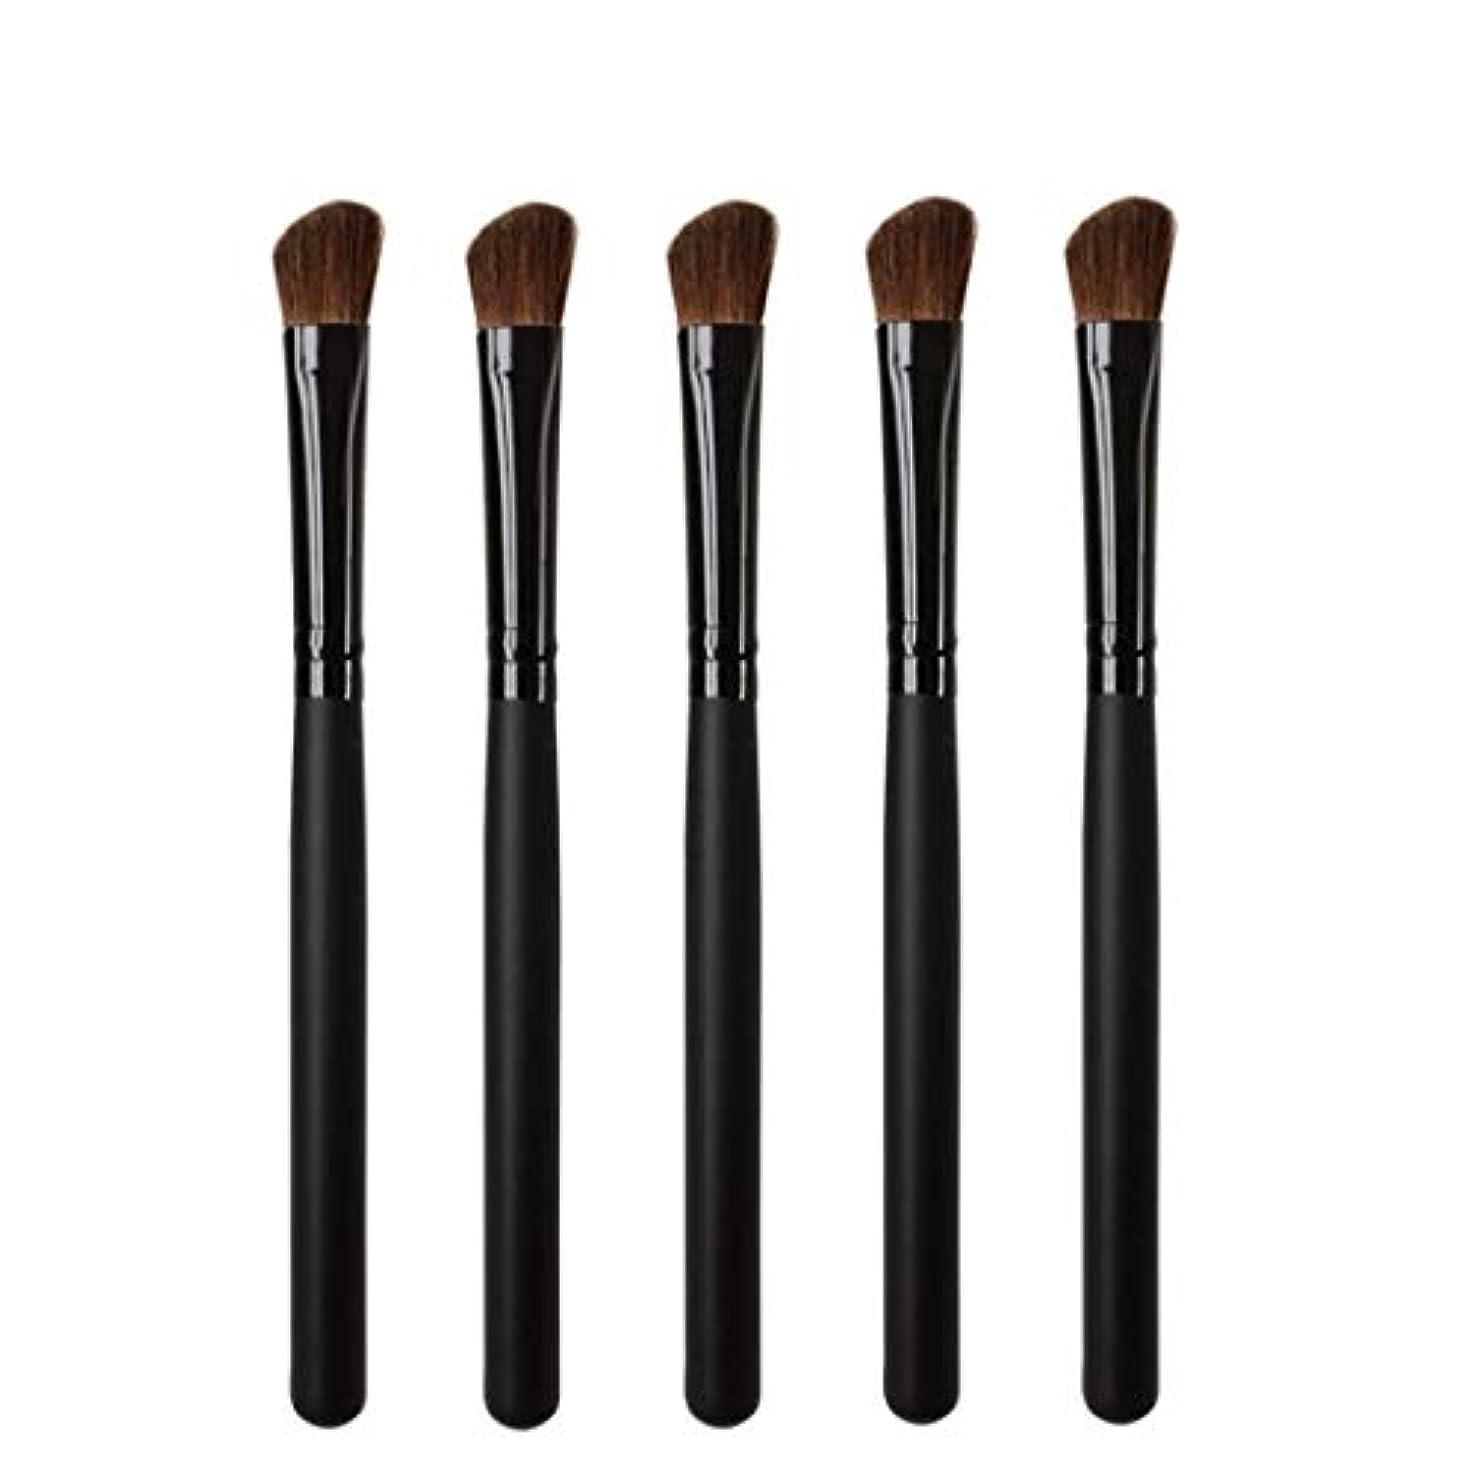 直感写真を撮るスクリューMakeup brushes 5リズムヘッド、持ち運びに快適な木製ハンドル、プロのアイシャドウ化粧道具 suits (Color : Black)